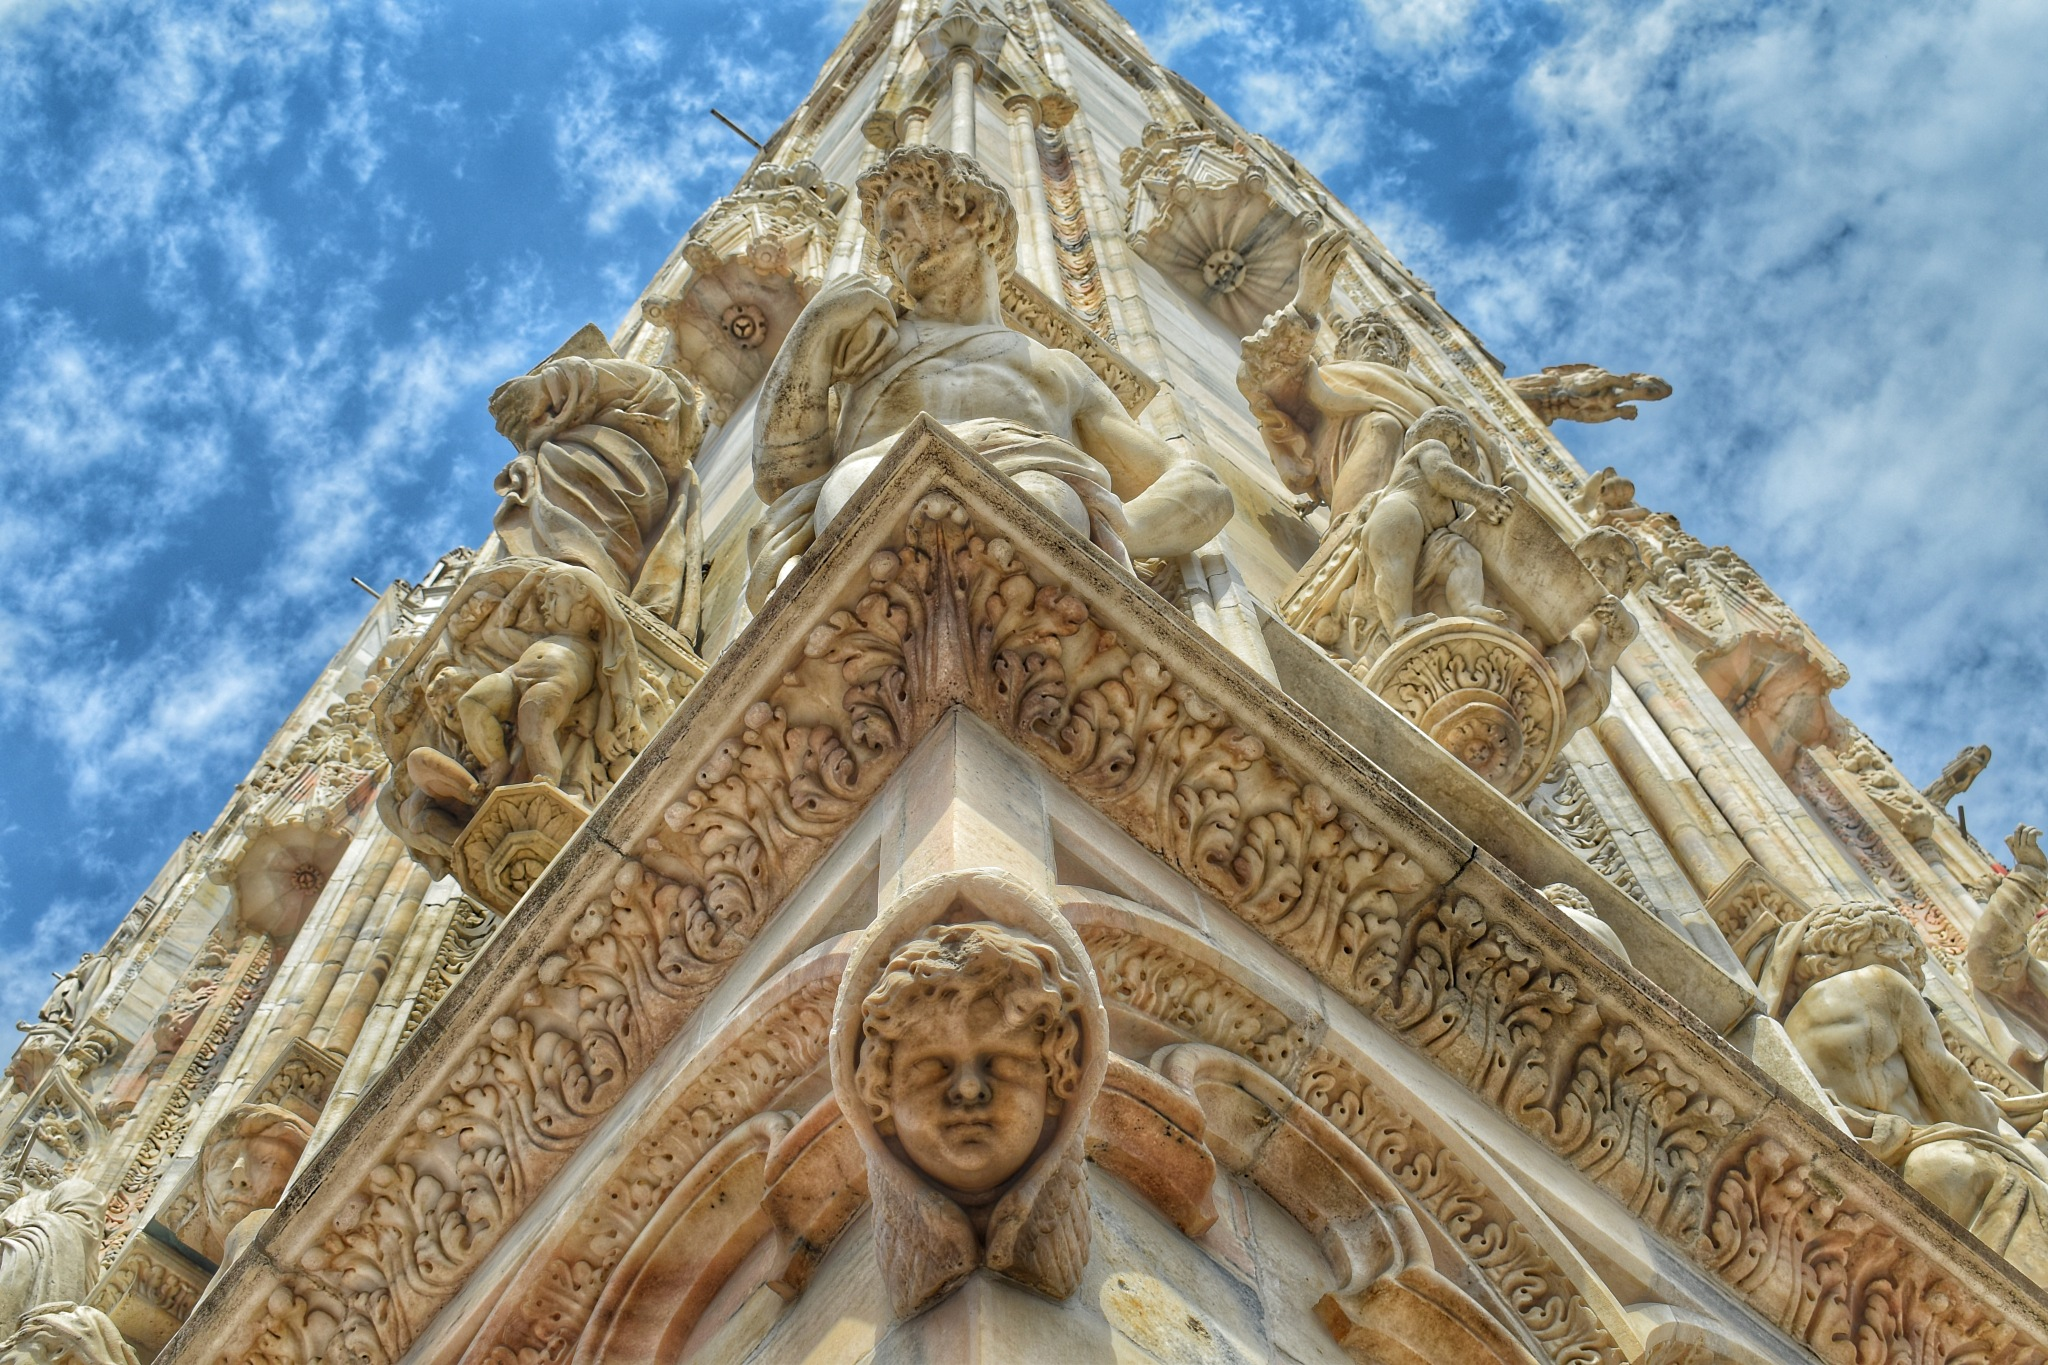 Detalle de la fachada de la catedral de Milán, Italia by Javier Gracia Alcaine